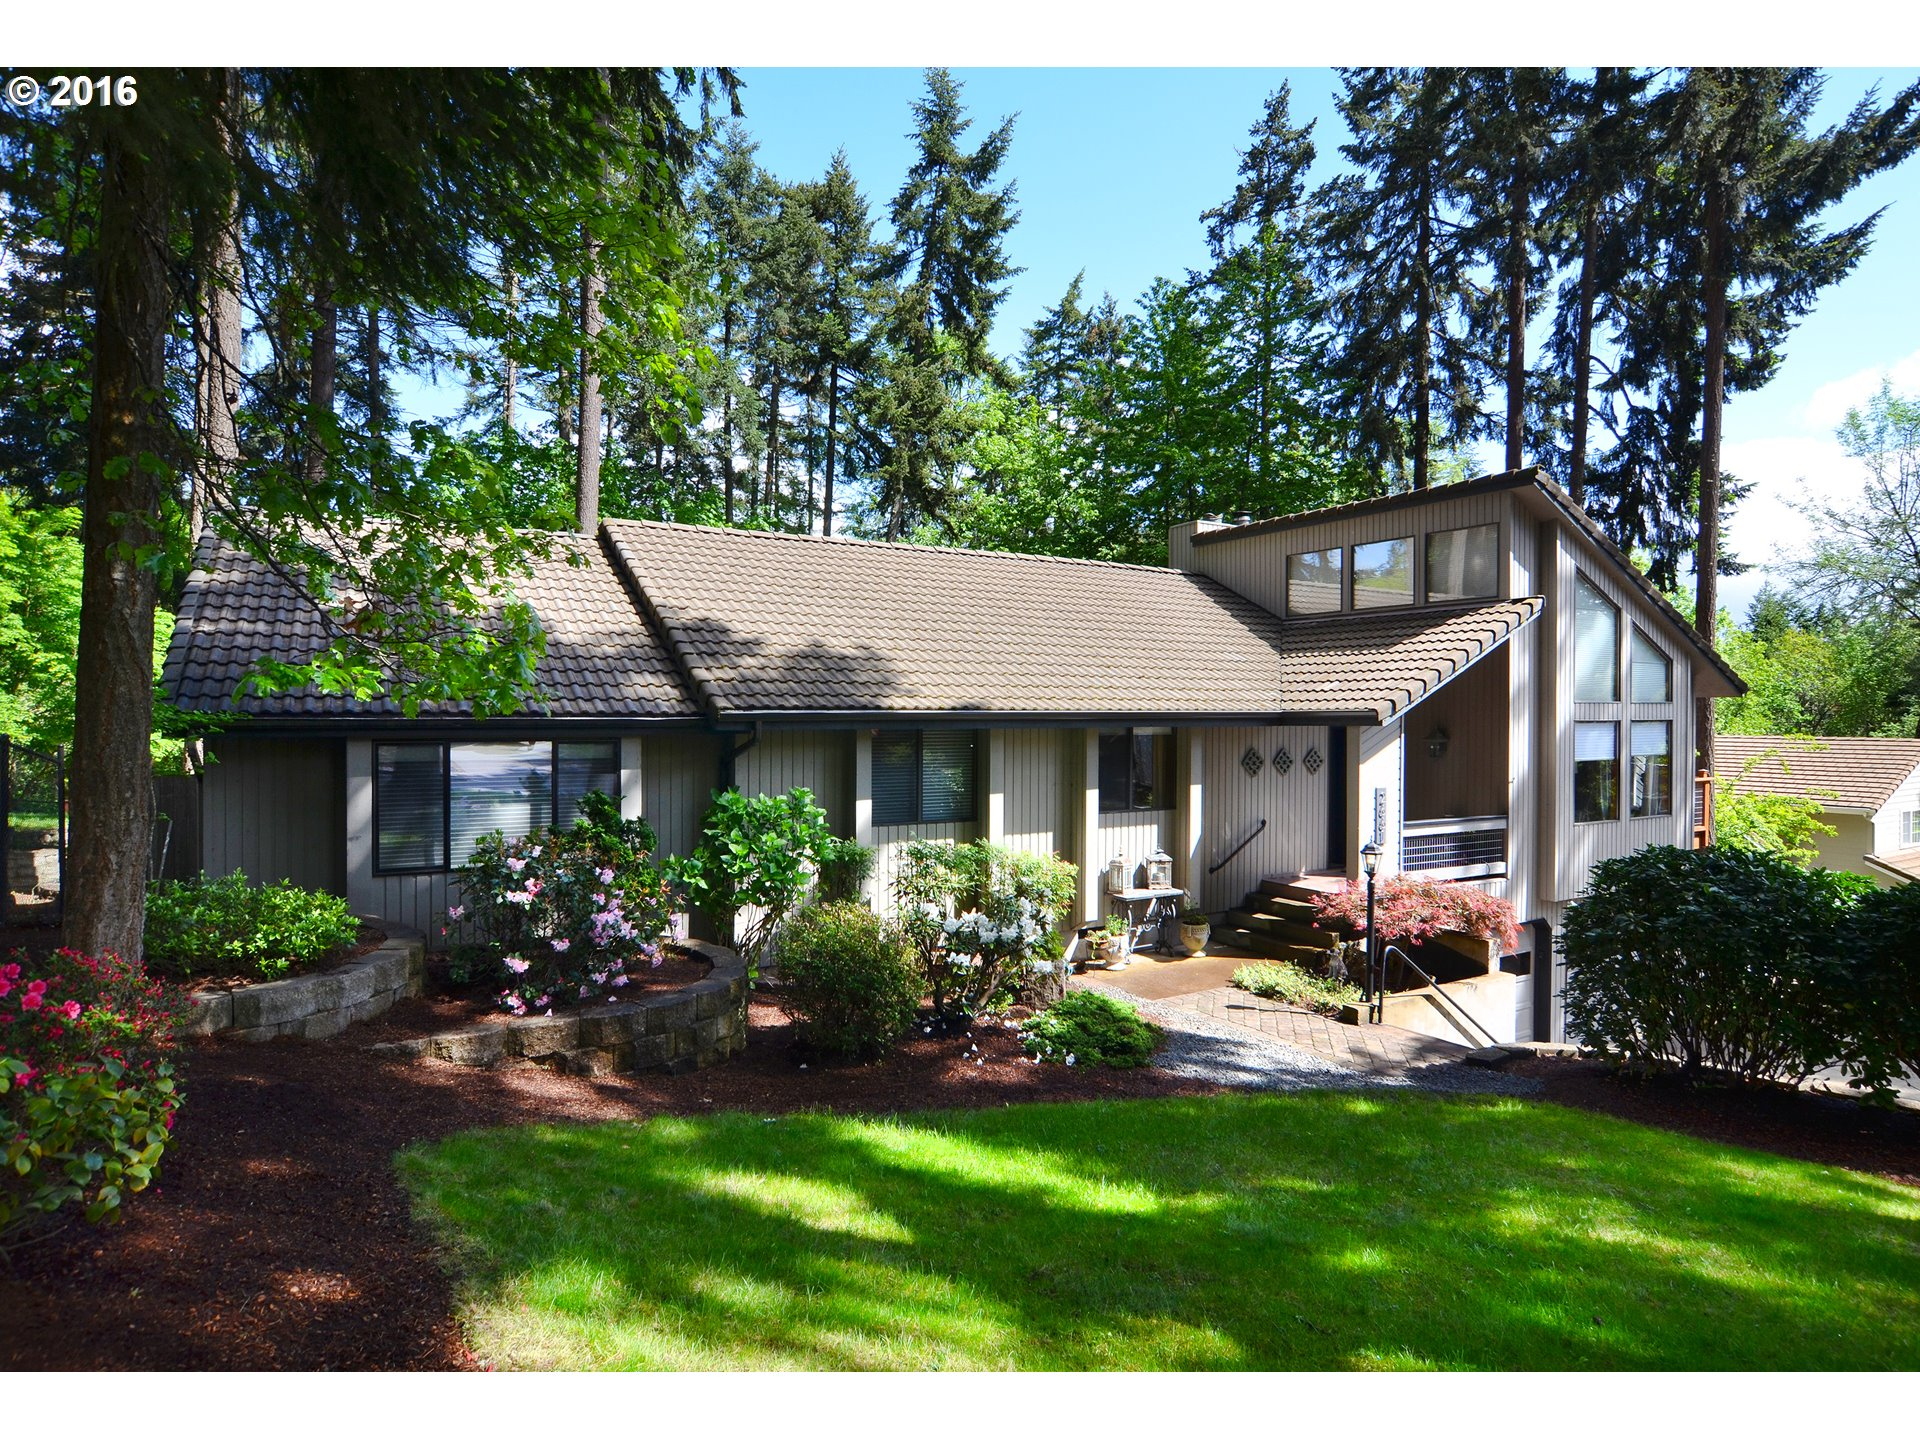 2661 GARFIELD ST, Eugene OR 97405